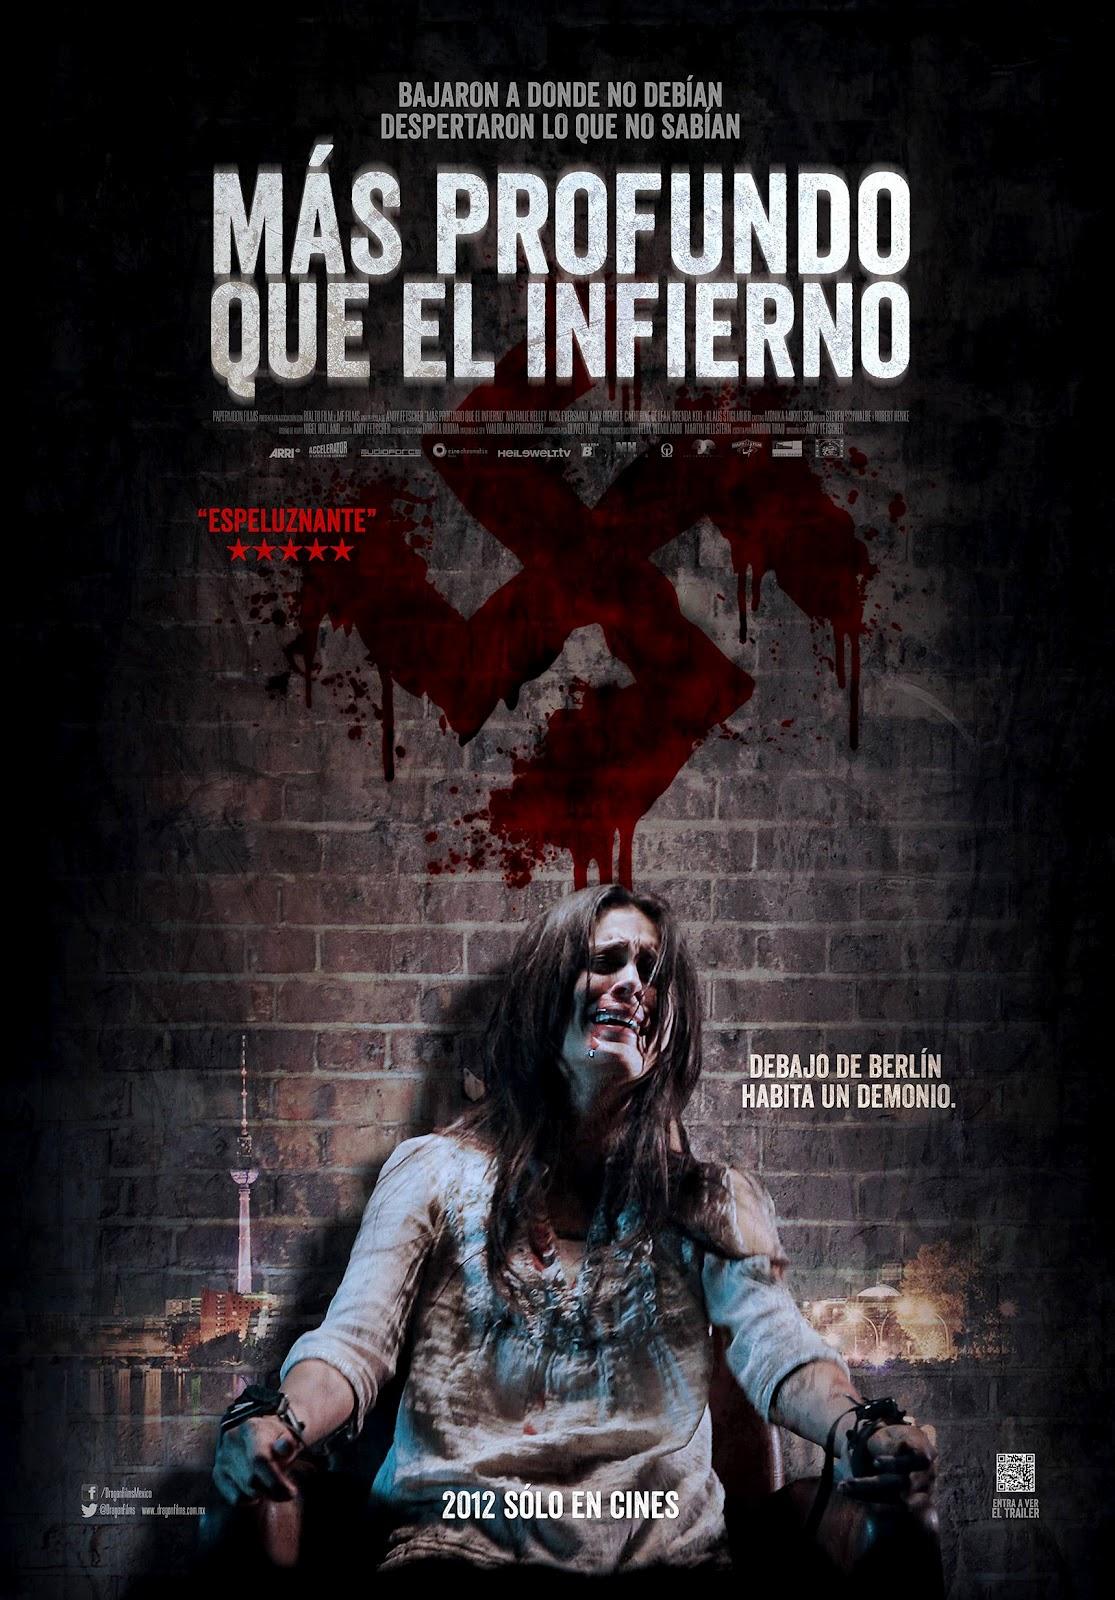 Mas profundo que el infierno (2011)